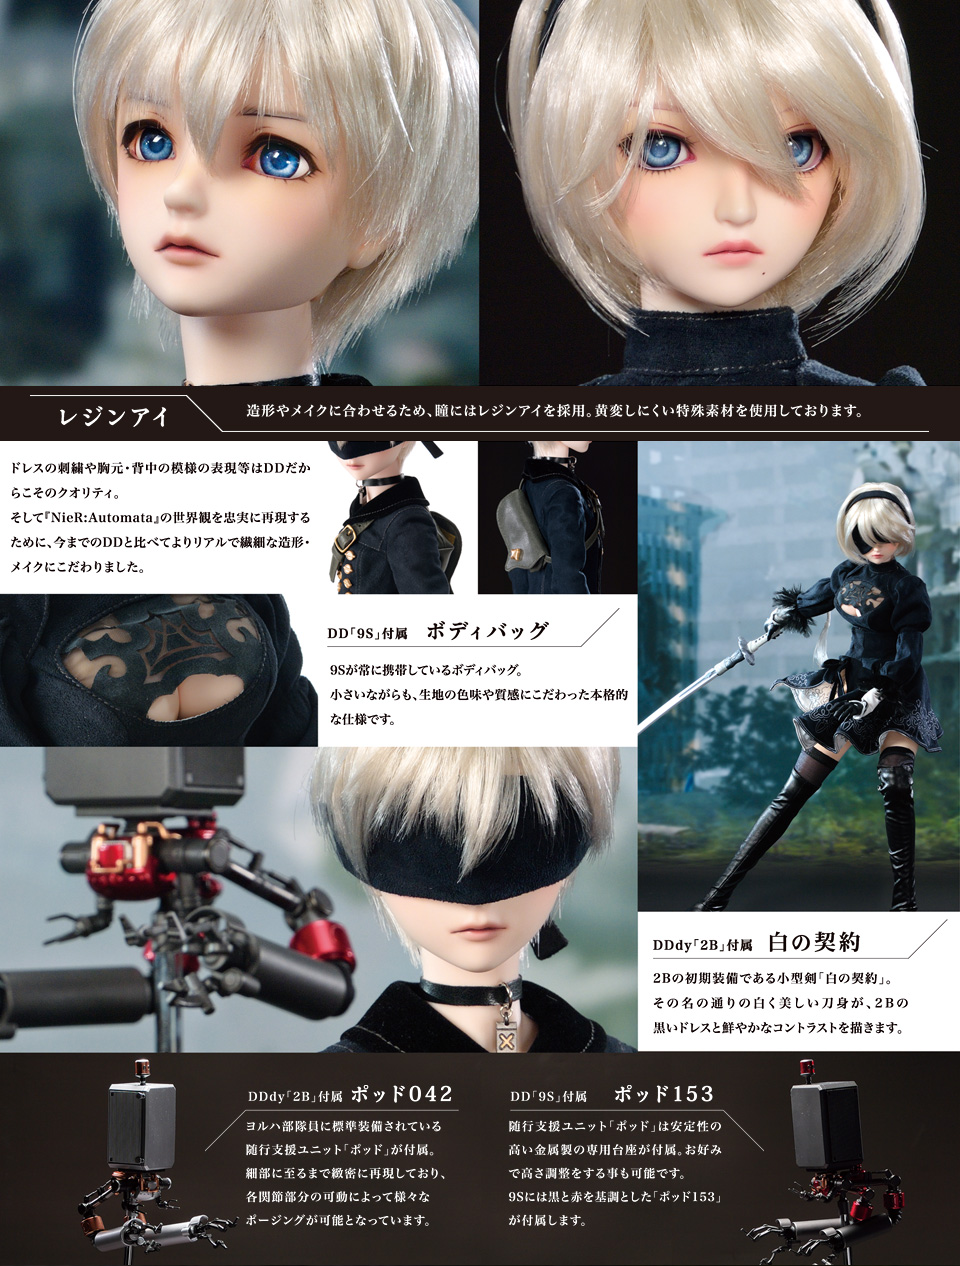 [Dollfie Dream] Nier Automata - Page 6 Ddcmn_10